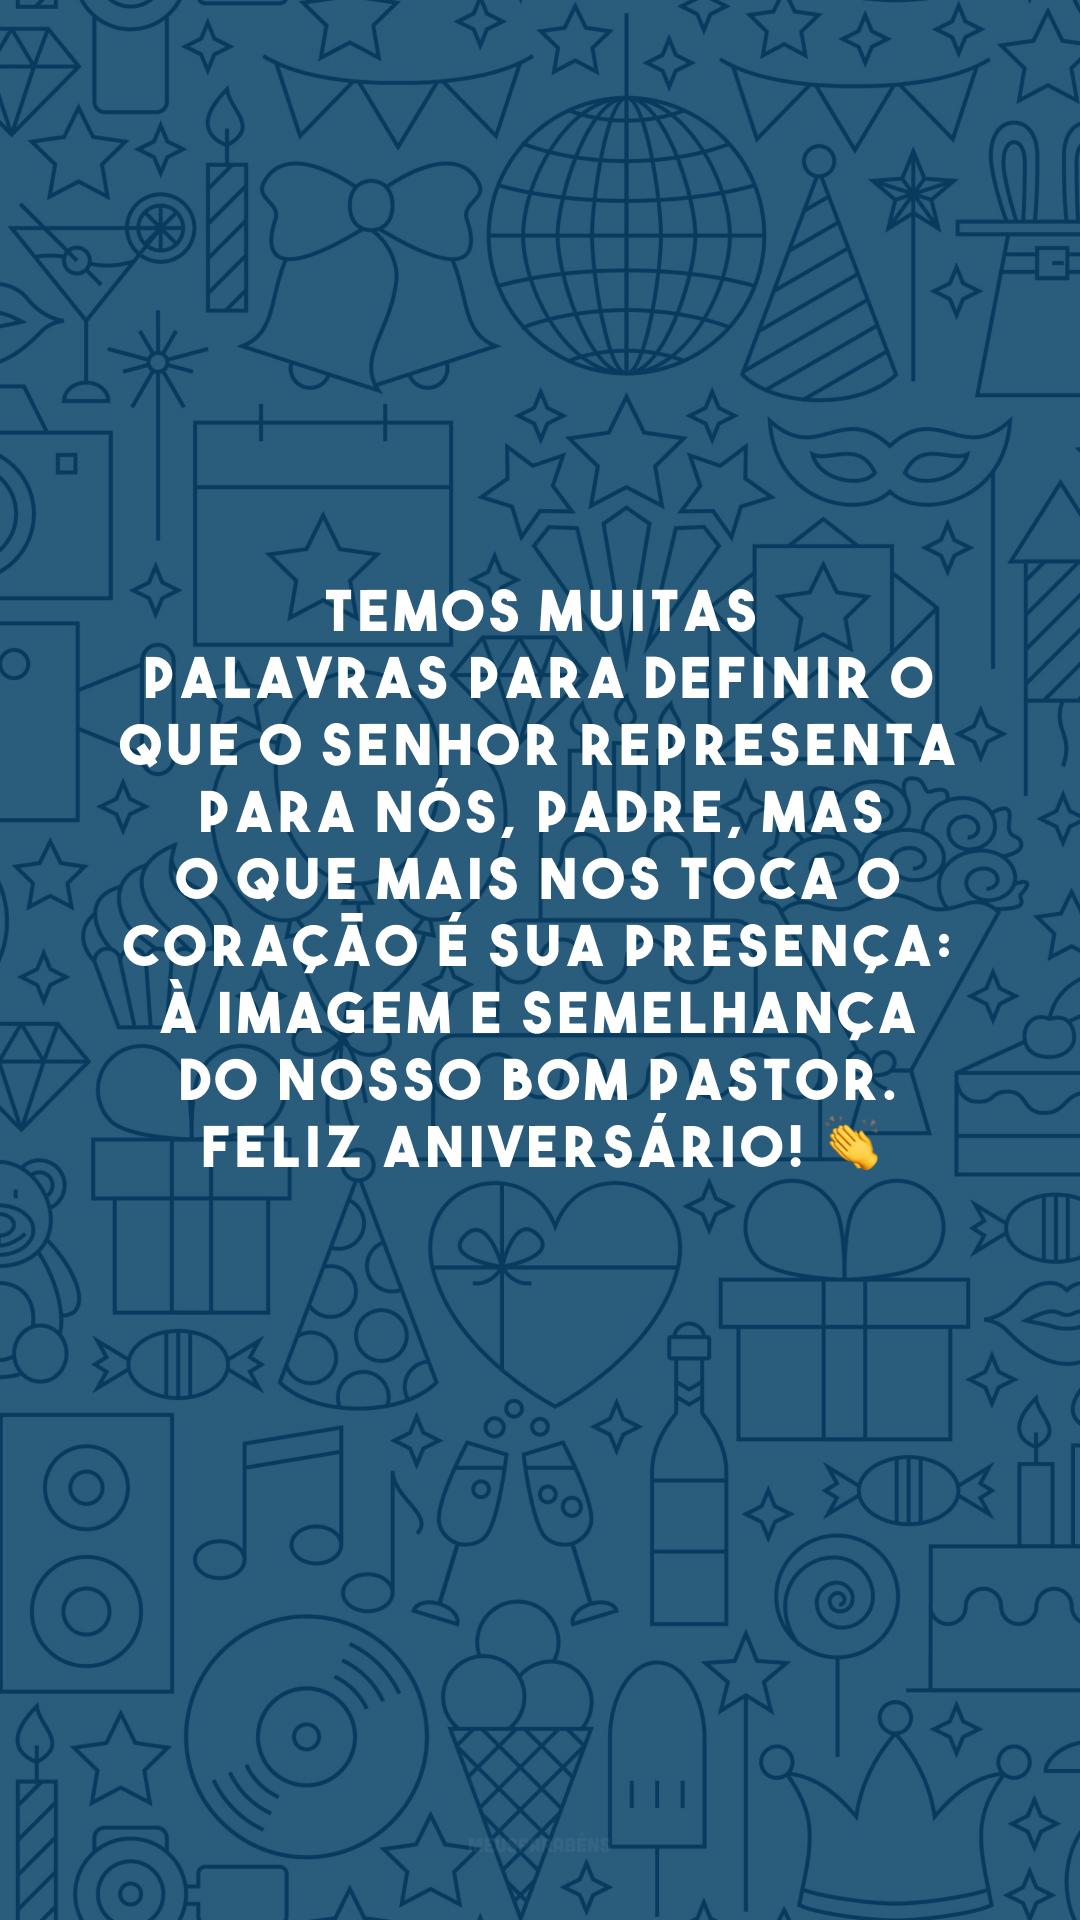 Temos muitas palavras para definir o que o senhor representa para nós, padre, mas o que mais nos toca o coração é sua presença: à imagem e semelhança do nosso Bom Pastor. Feliz aniversário! 👏